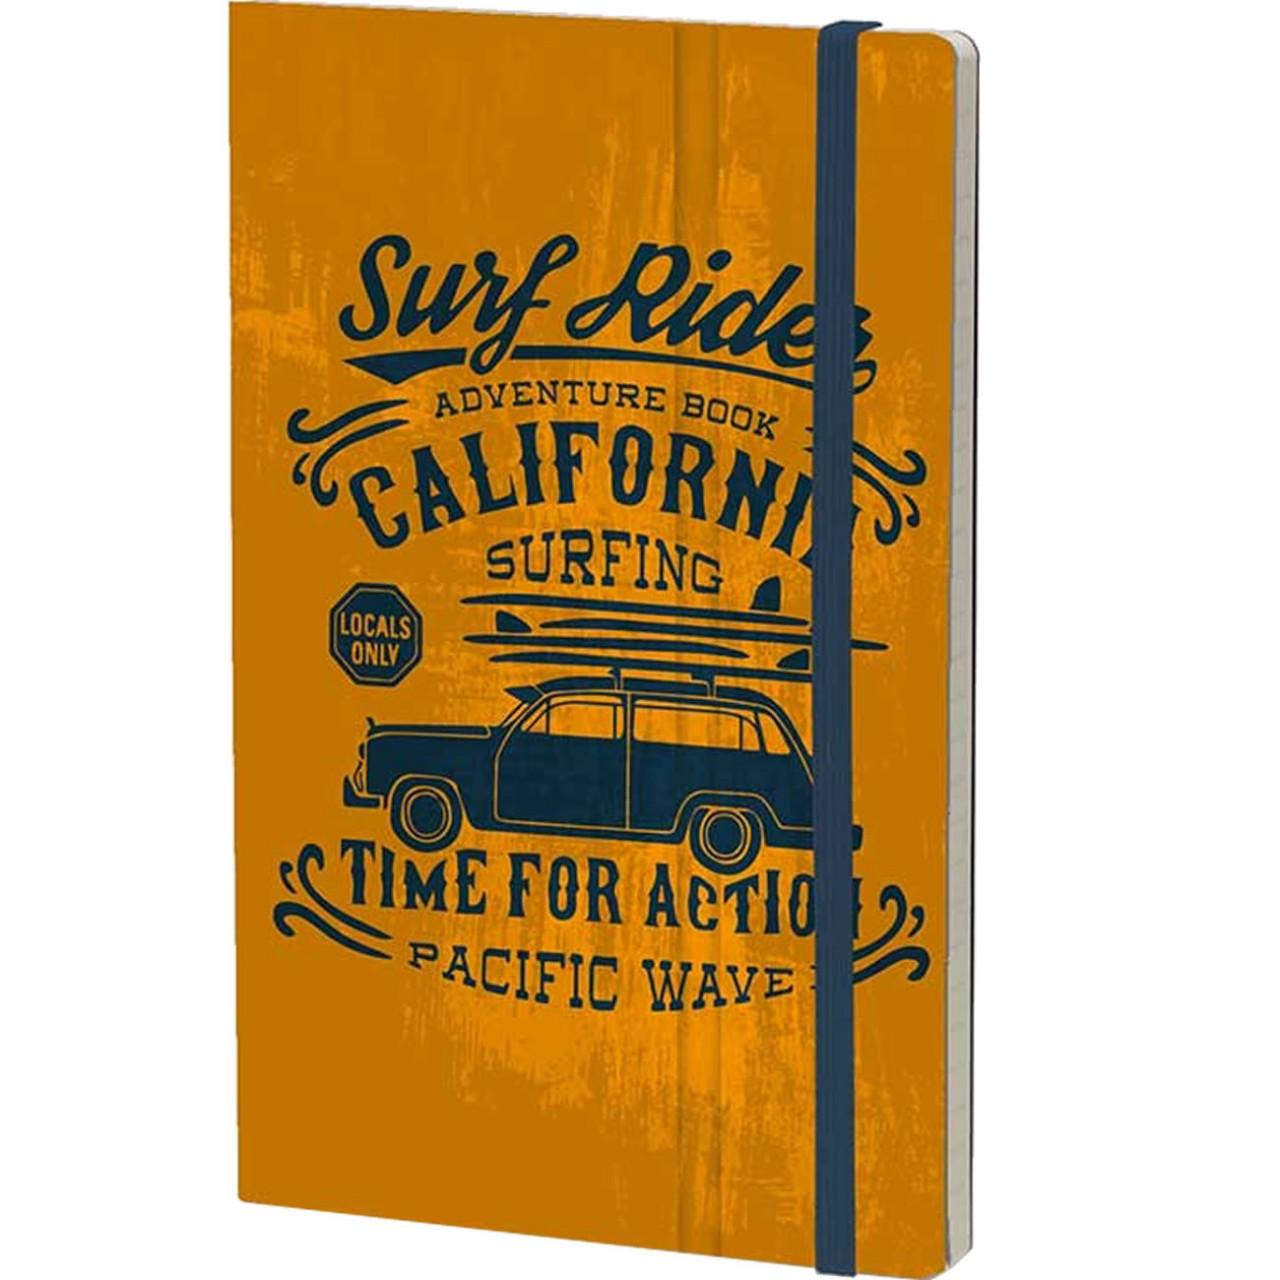 Stifflexible Notizbuch VINTAGE SURFING (Adventure) 13 x 21 cm 192 S., ORANGE